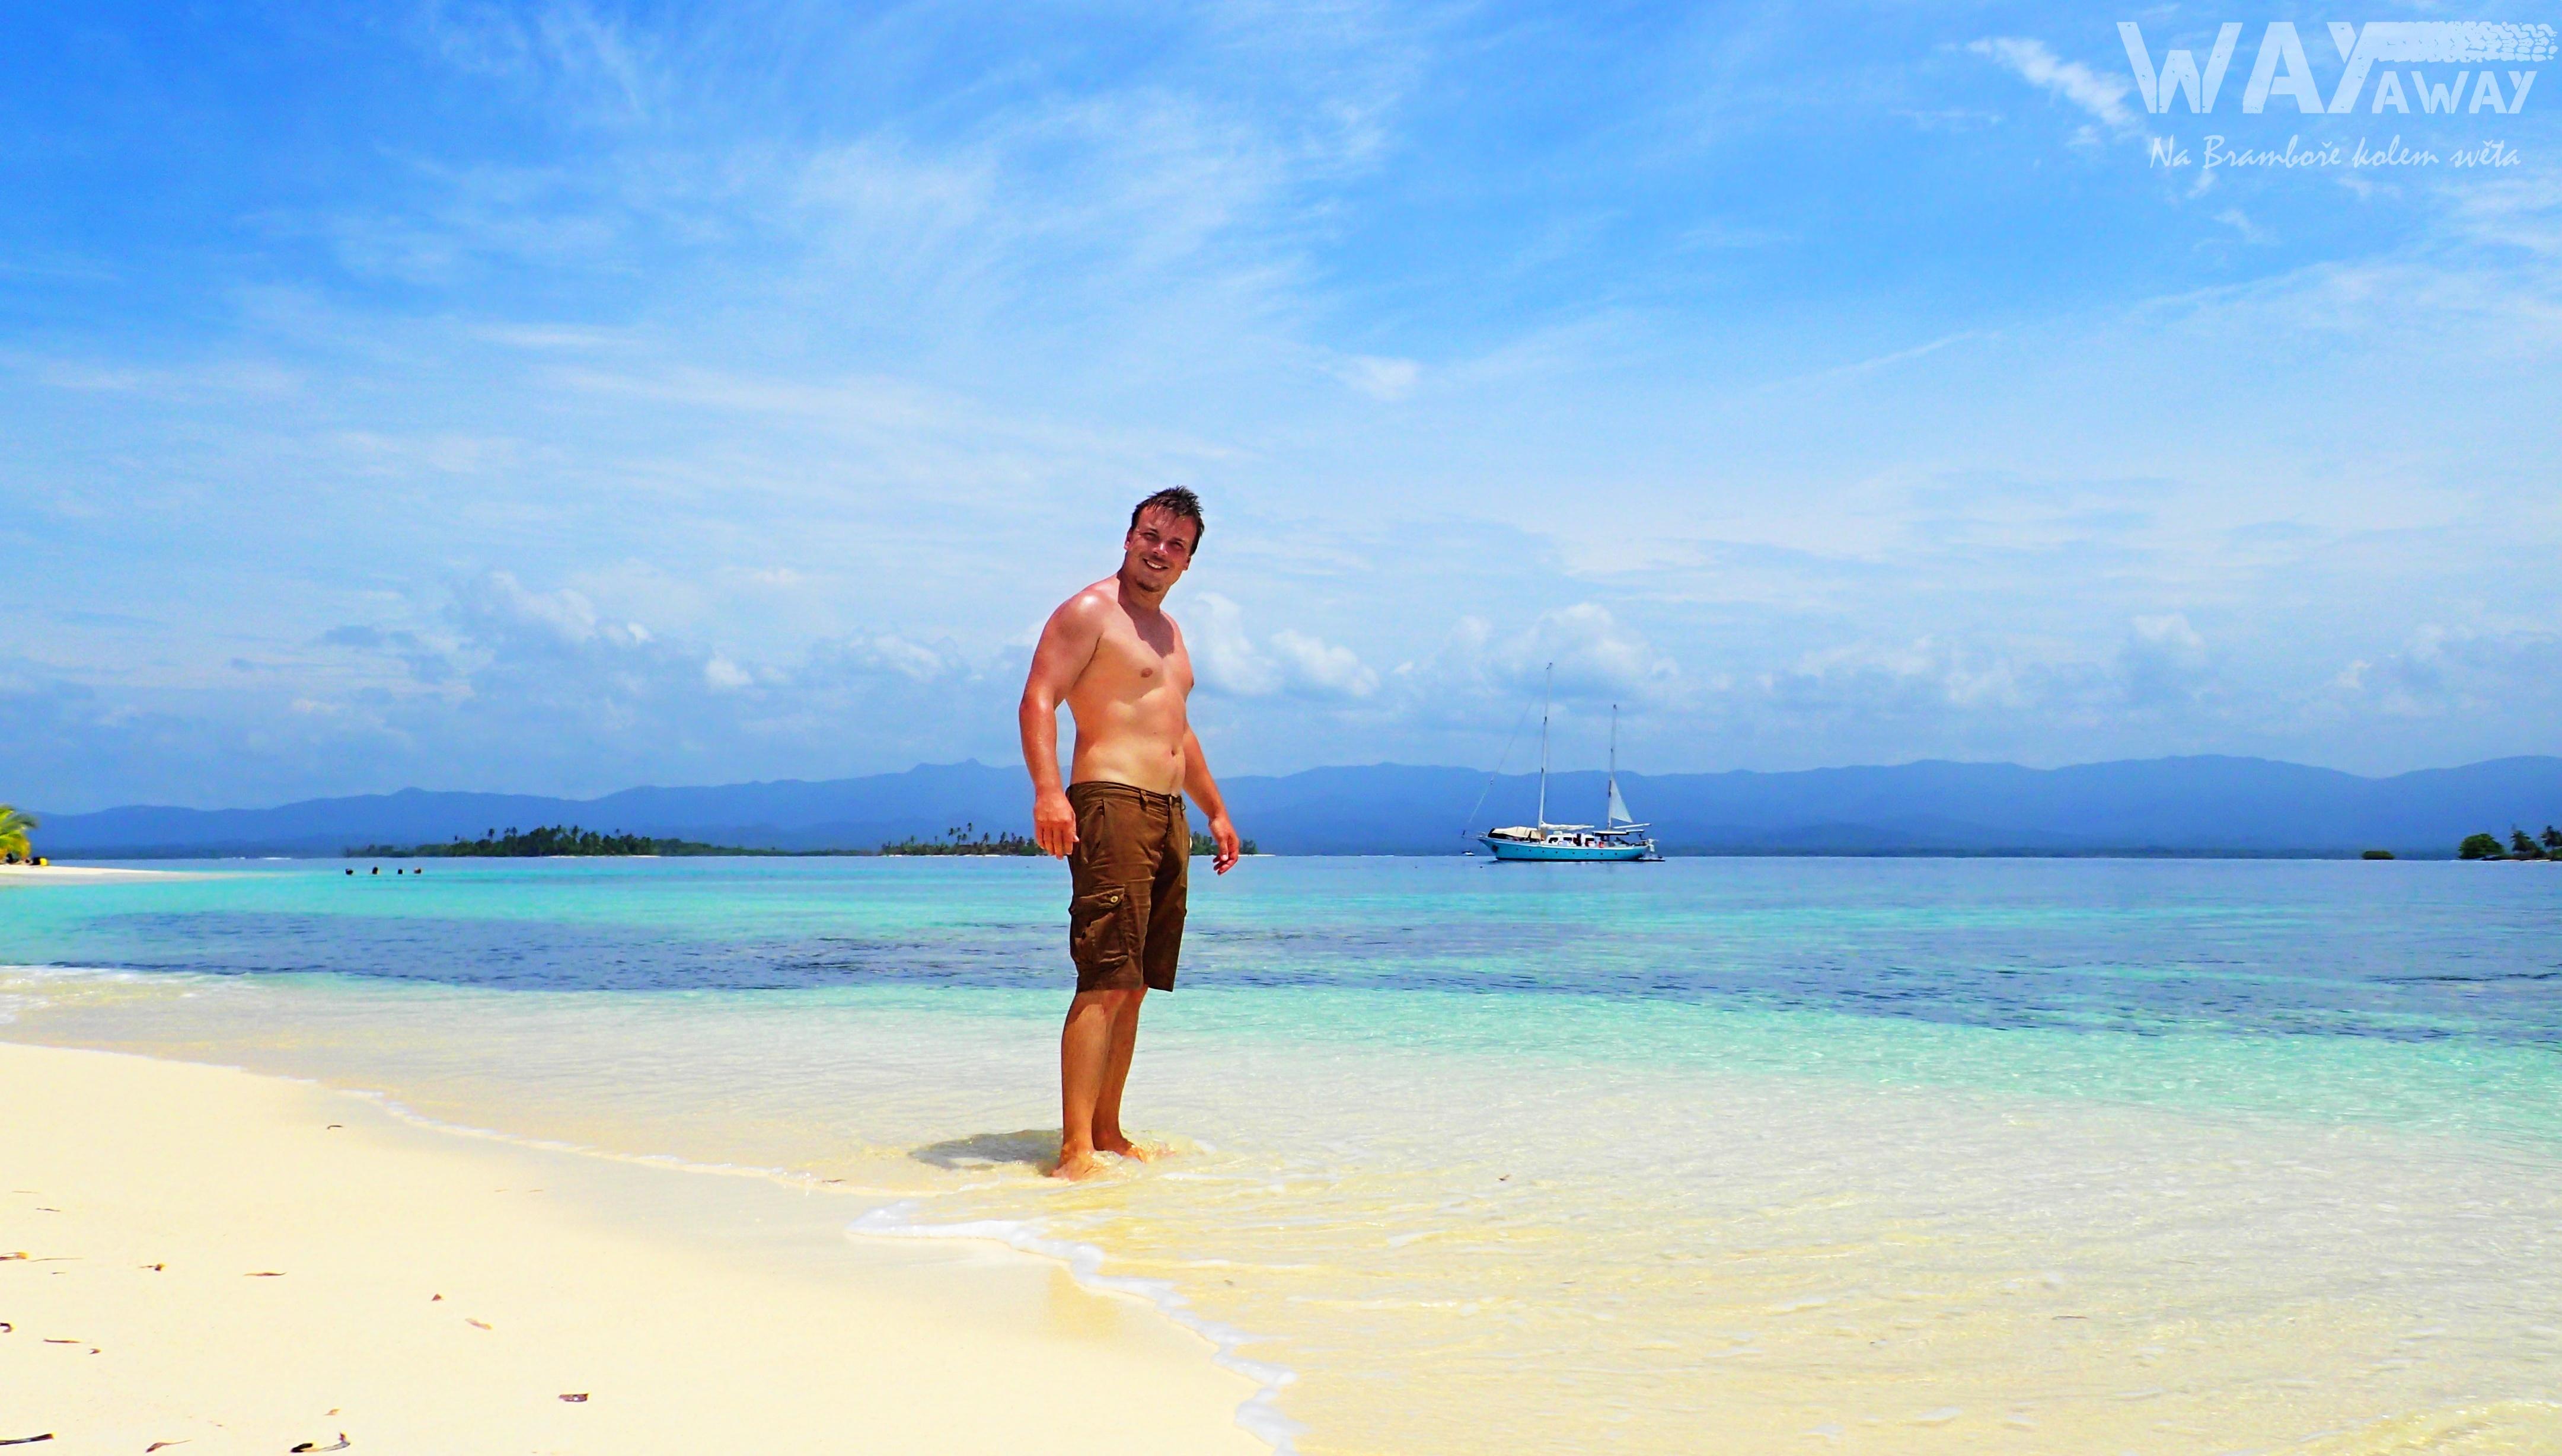 Běloucí písek, průzračně čisté moře, slunce... prostě pohoda!